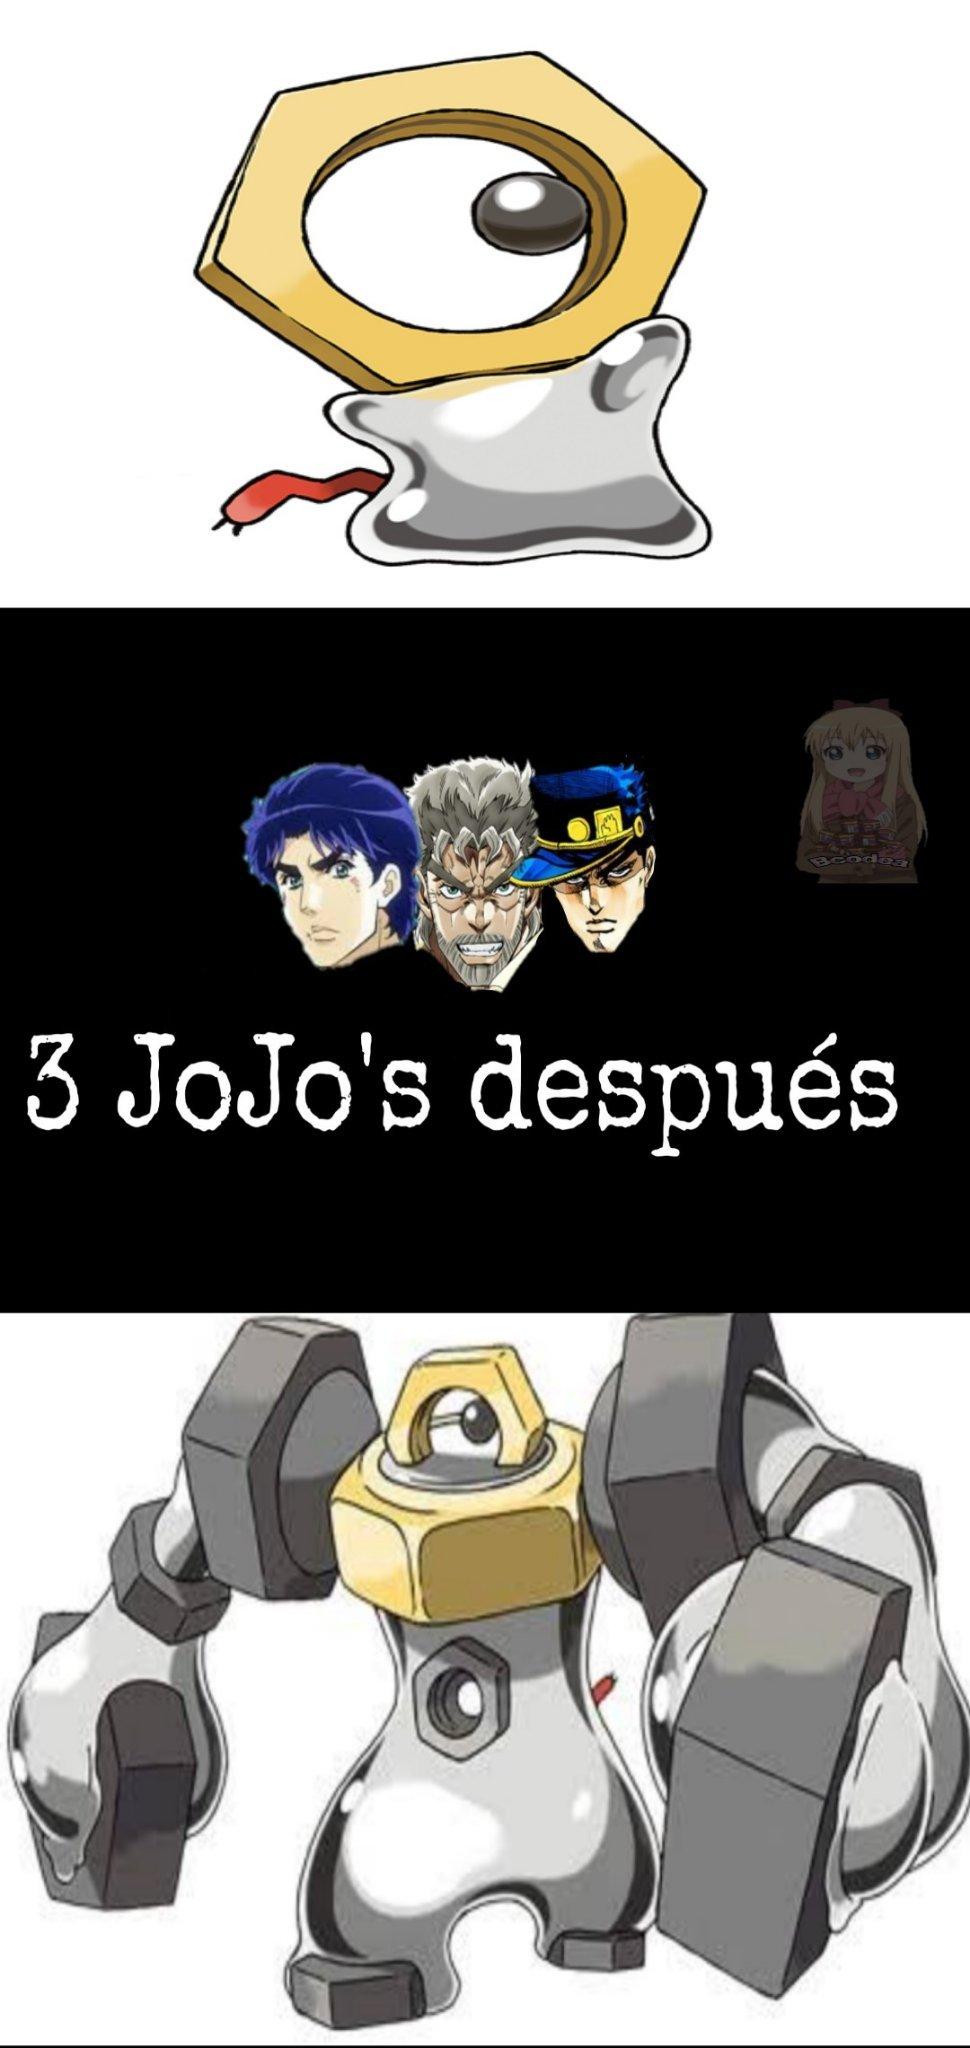 4 memes seguidos de Pokémon y 2 seguidos con Meltan